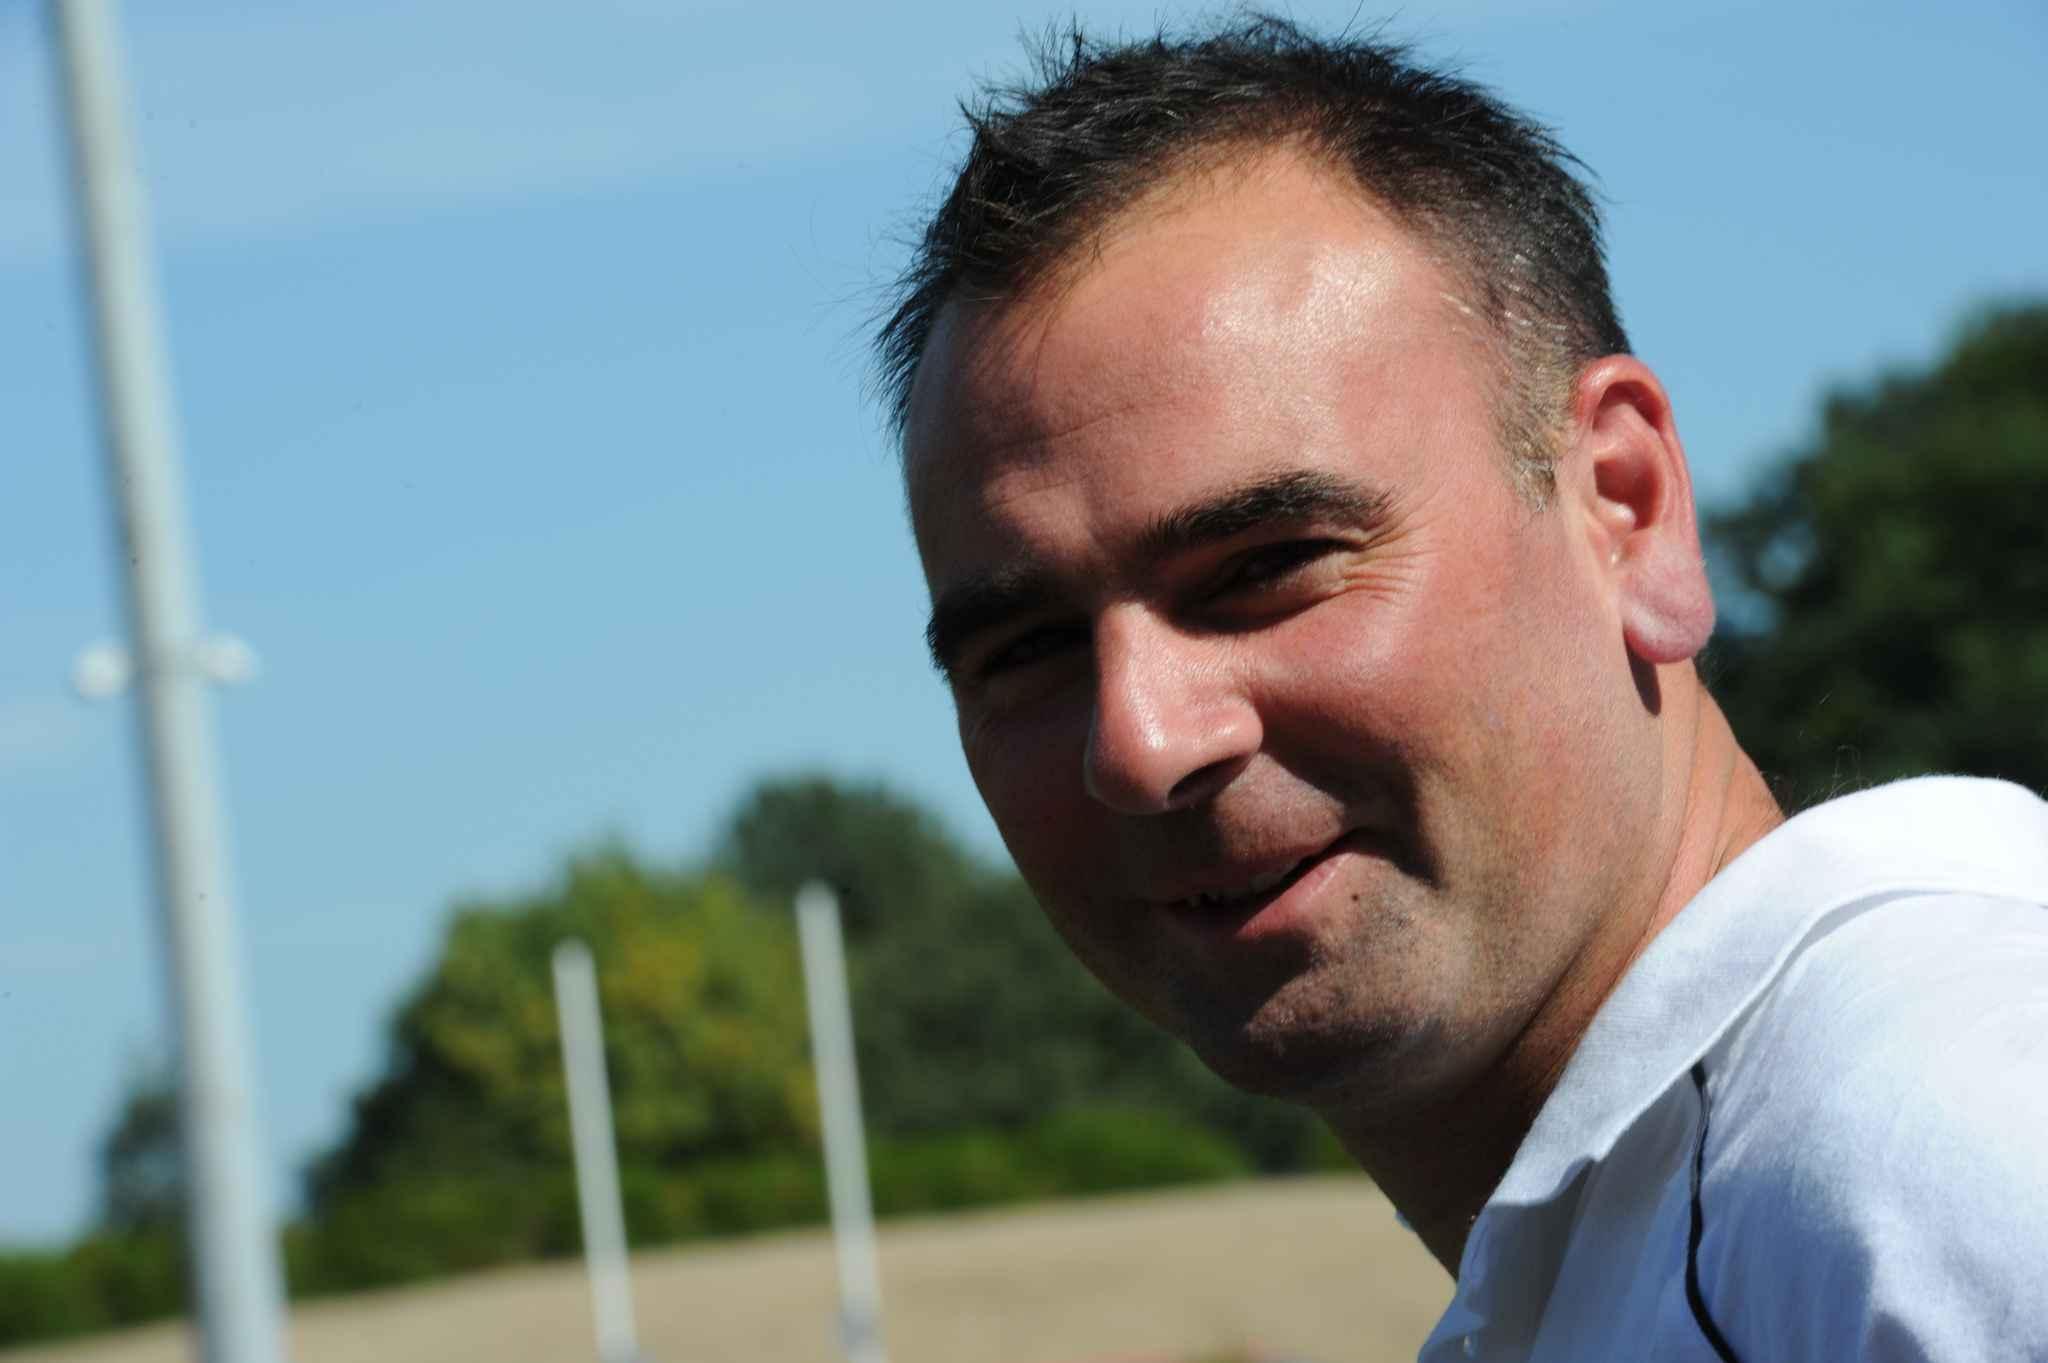 Après un an de chômage, Denis Renaud va retrouver un banc de touche. - 2048x1536-fit_carquefou-le-02-09-2010-denis-renaud-entraineur-du-club-usja-de-carquefou